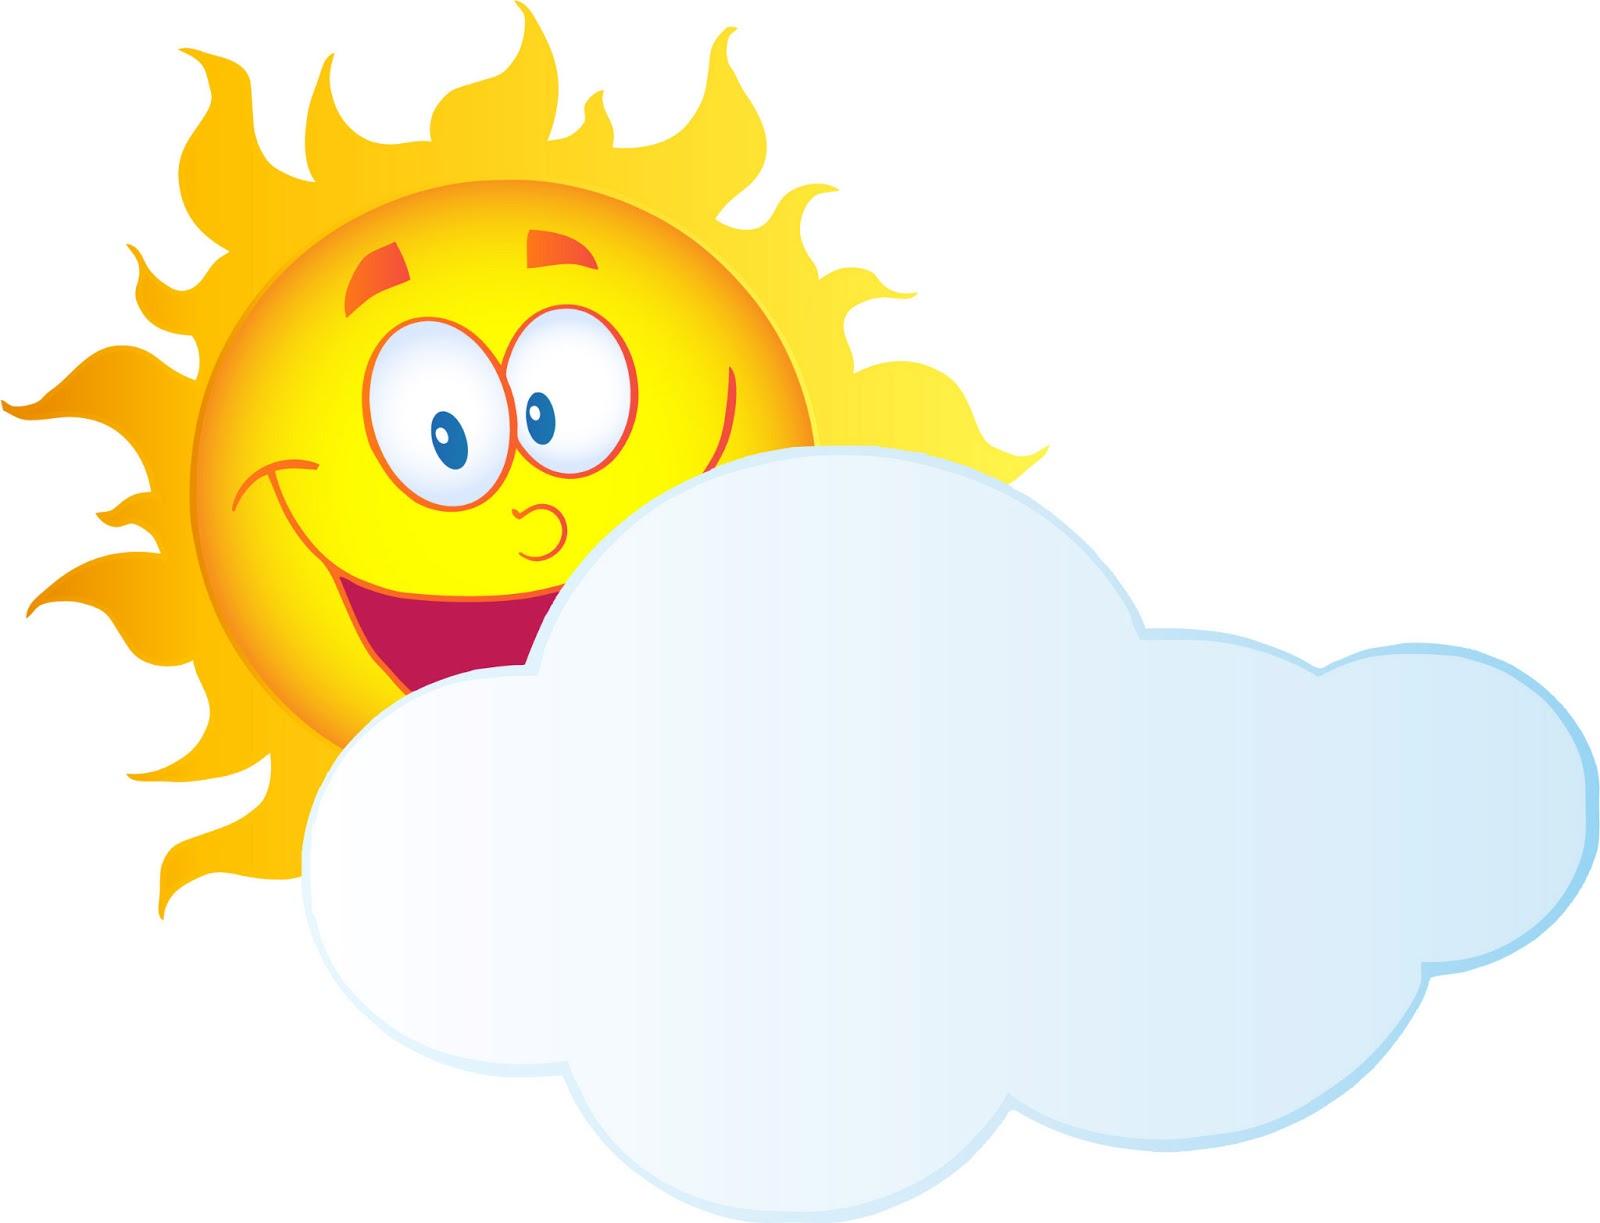 تجمع فريقي زخات المطر و شمس الصباح لمسابقة ******** حققي ...